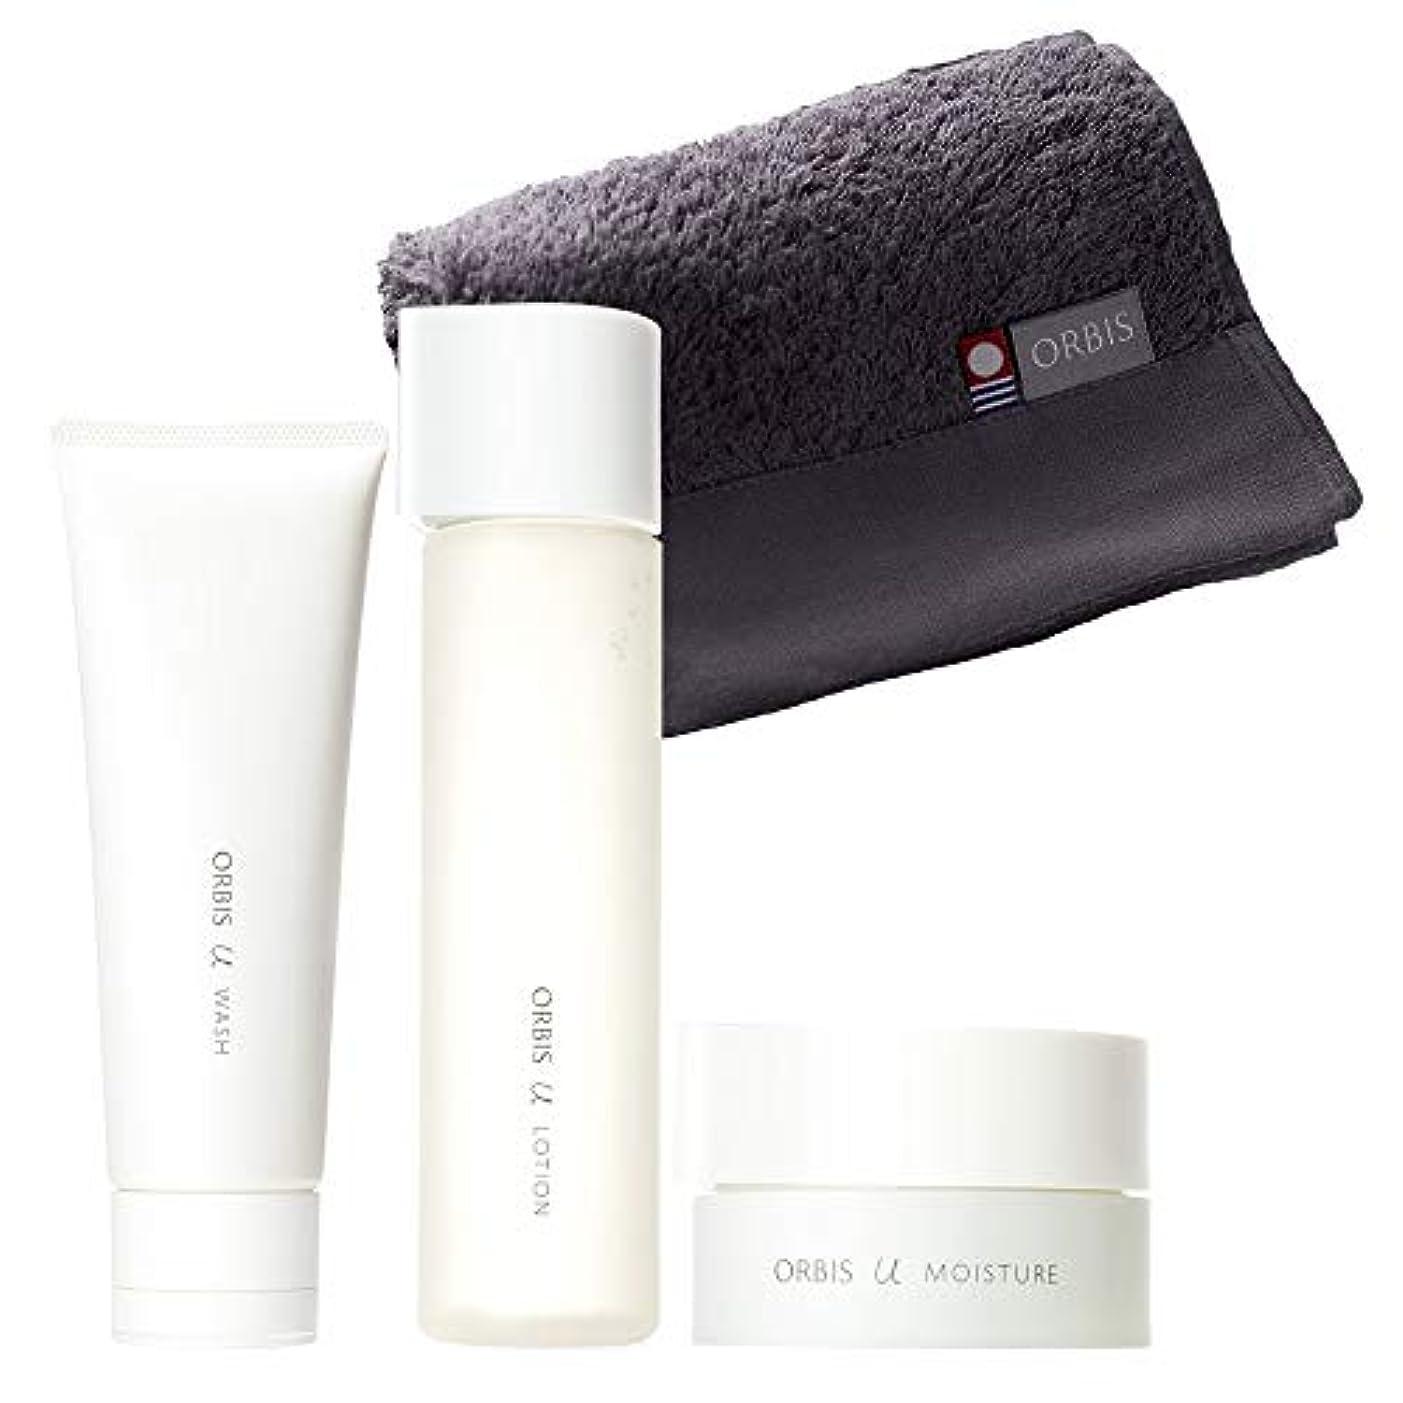 栄養ファンタジー不適オルビス(ORBIS) オルビスユー 3ステップセット タオル付(洗顔料+化粧水+保湿液)